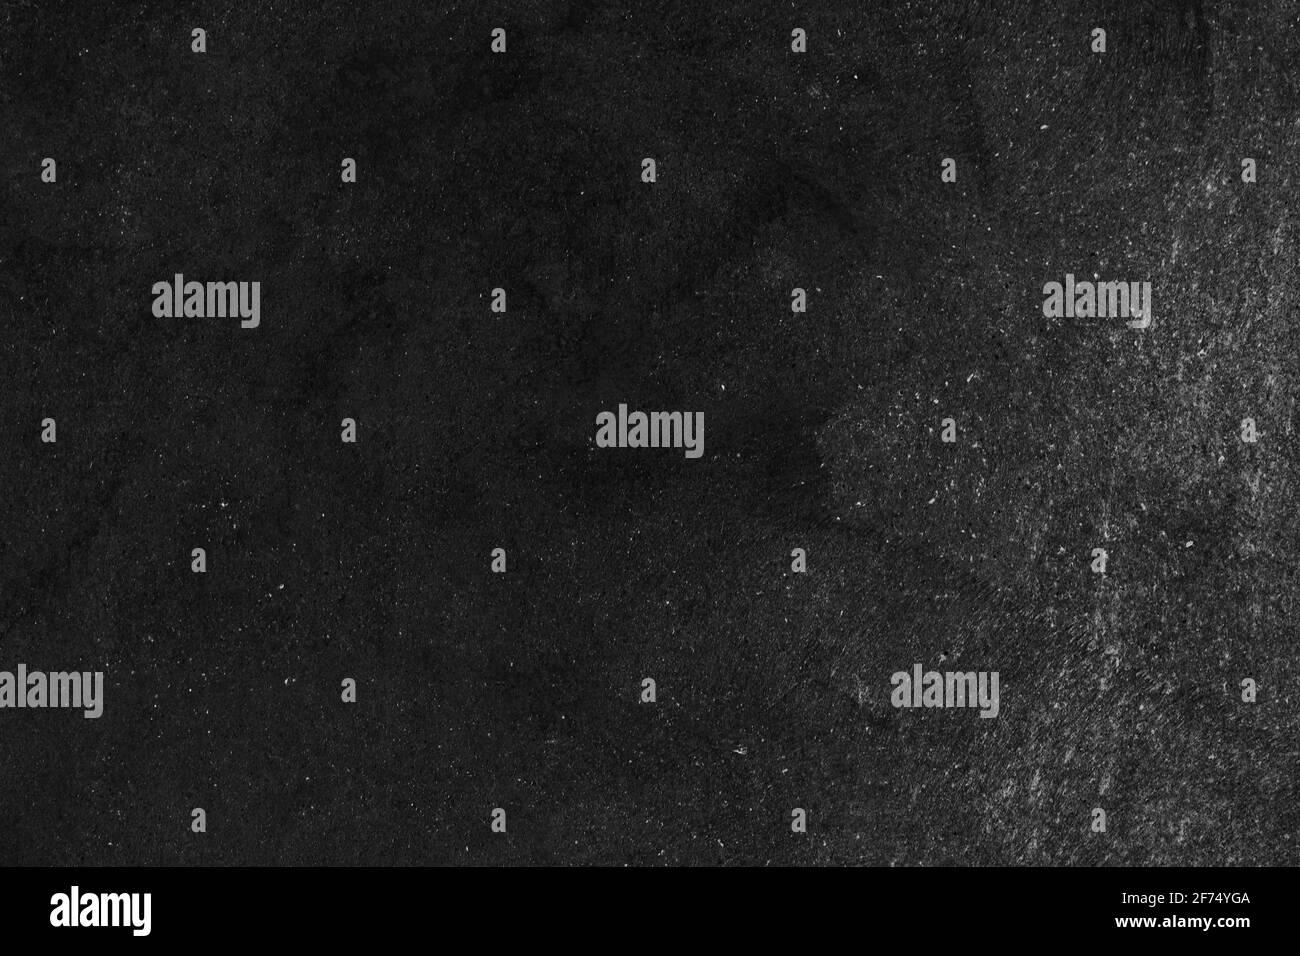 Frente en blanco Real fondo de pizarra negro textura en concepto de la universidad para volver a la escuela niño papel tapiz para crear blanco tiza texto dibujar gráfico. BAC Foto de stock